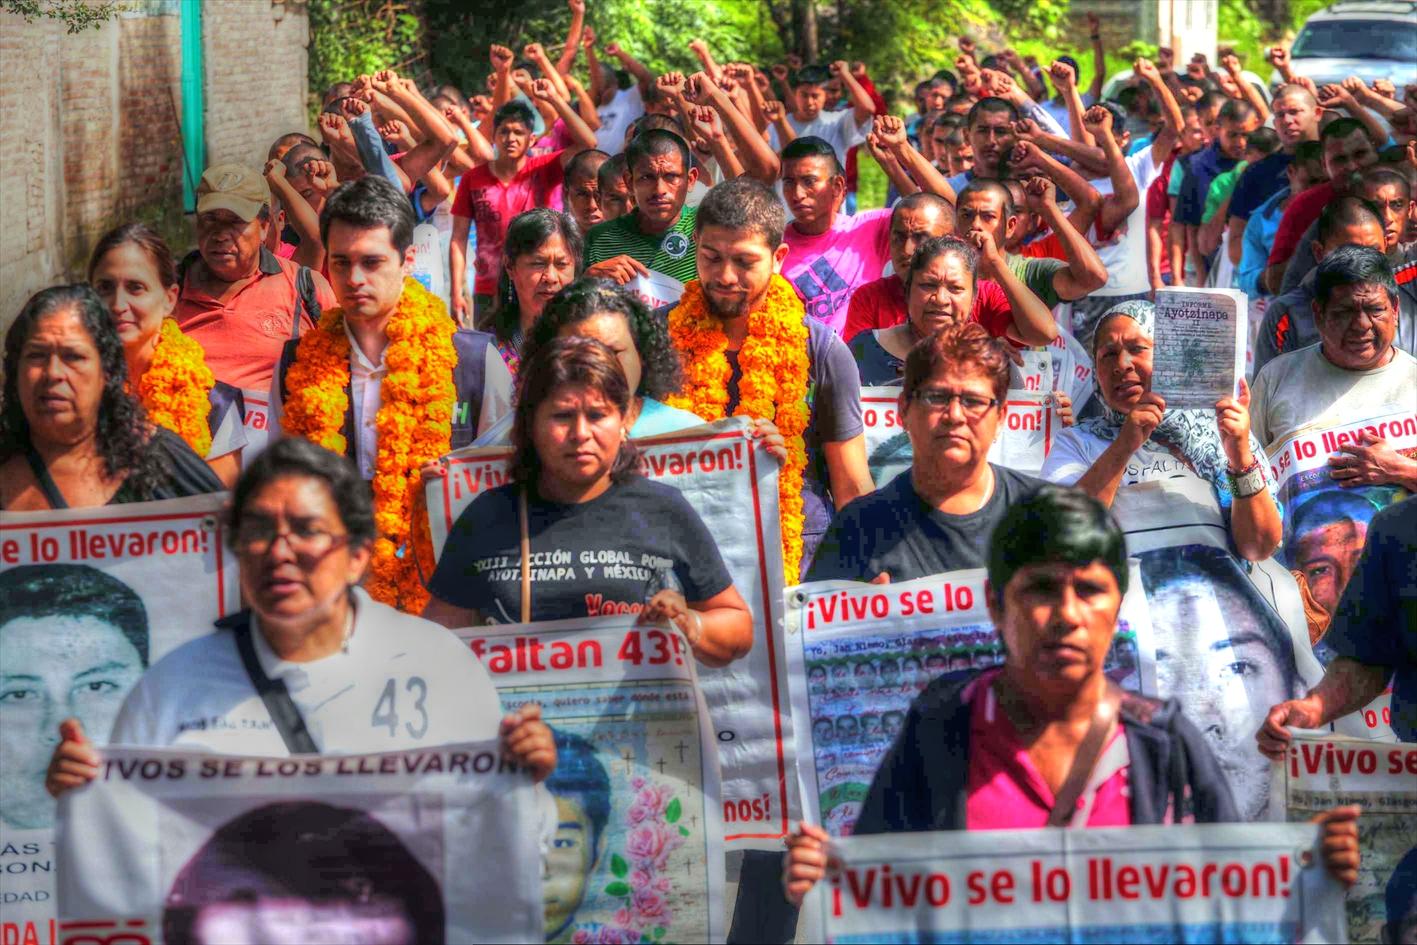 Padres de los 43 normalistas desaparecidos desde hace 35 meses, reciben a los integrantes del mecanismo de seguimiento de la Comisión Interamericana de Derechos Humanos (CIDH), encabezados por la Relatora para México, Esmeralda Arosemena de Troitiño. Foto: Jessica Torres Barrera